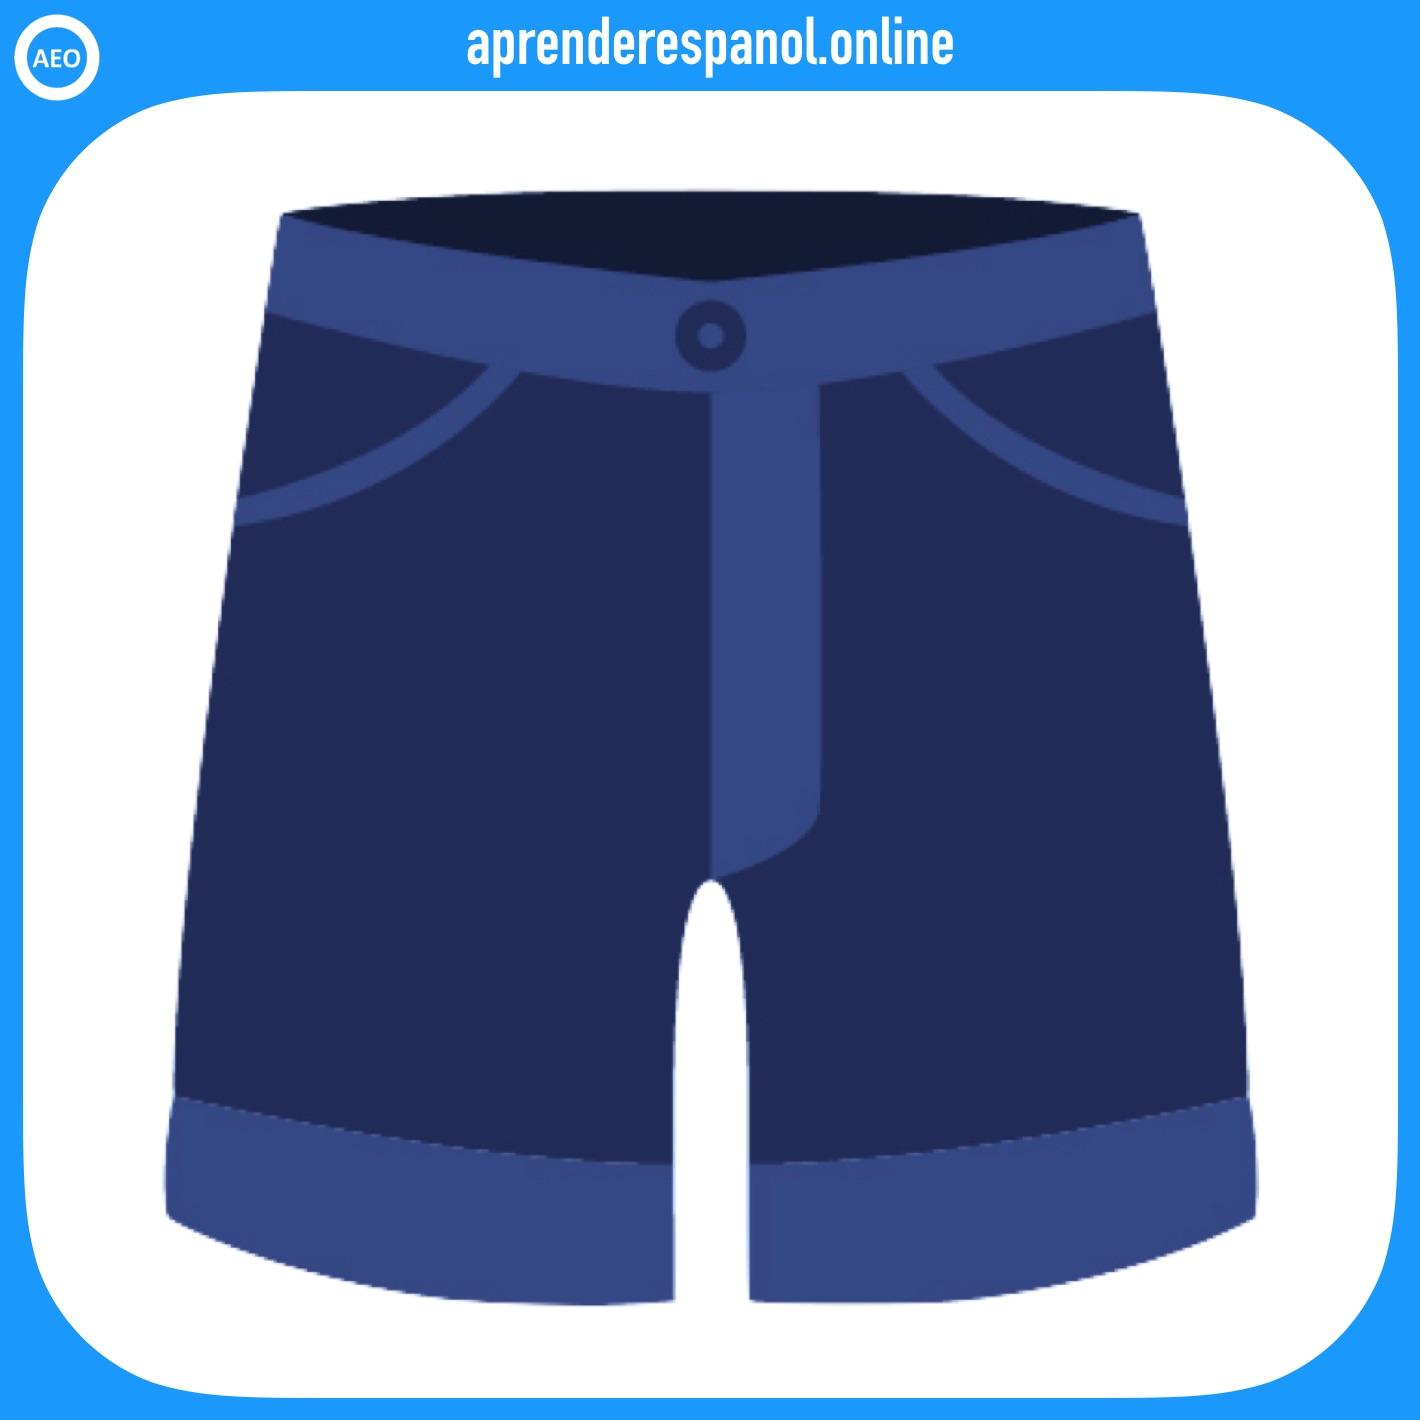 calzoncillos | ropa en español | vocabulario de la ropa en español